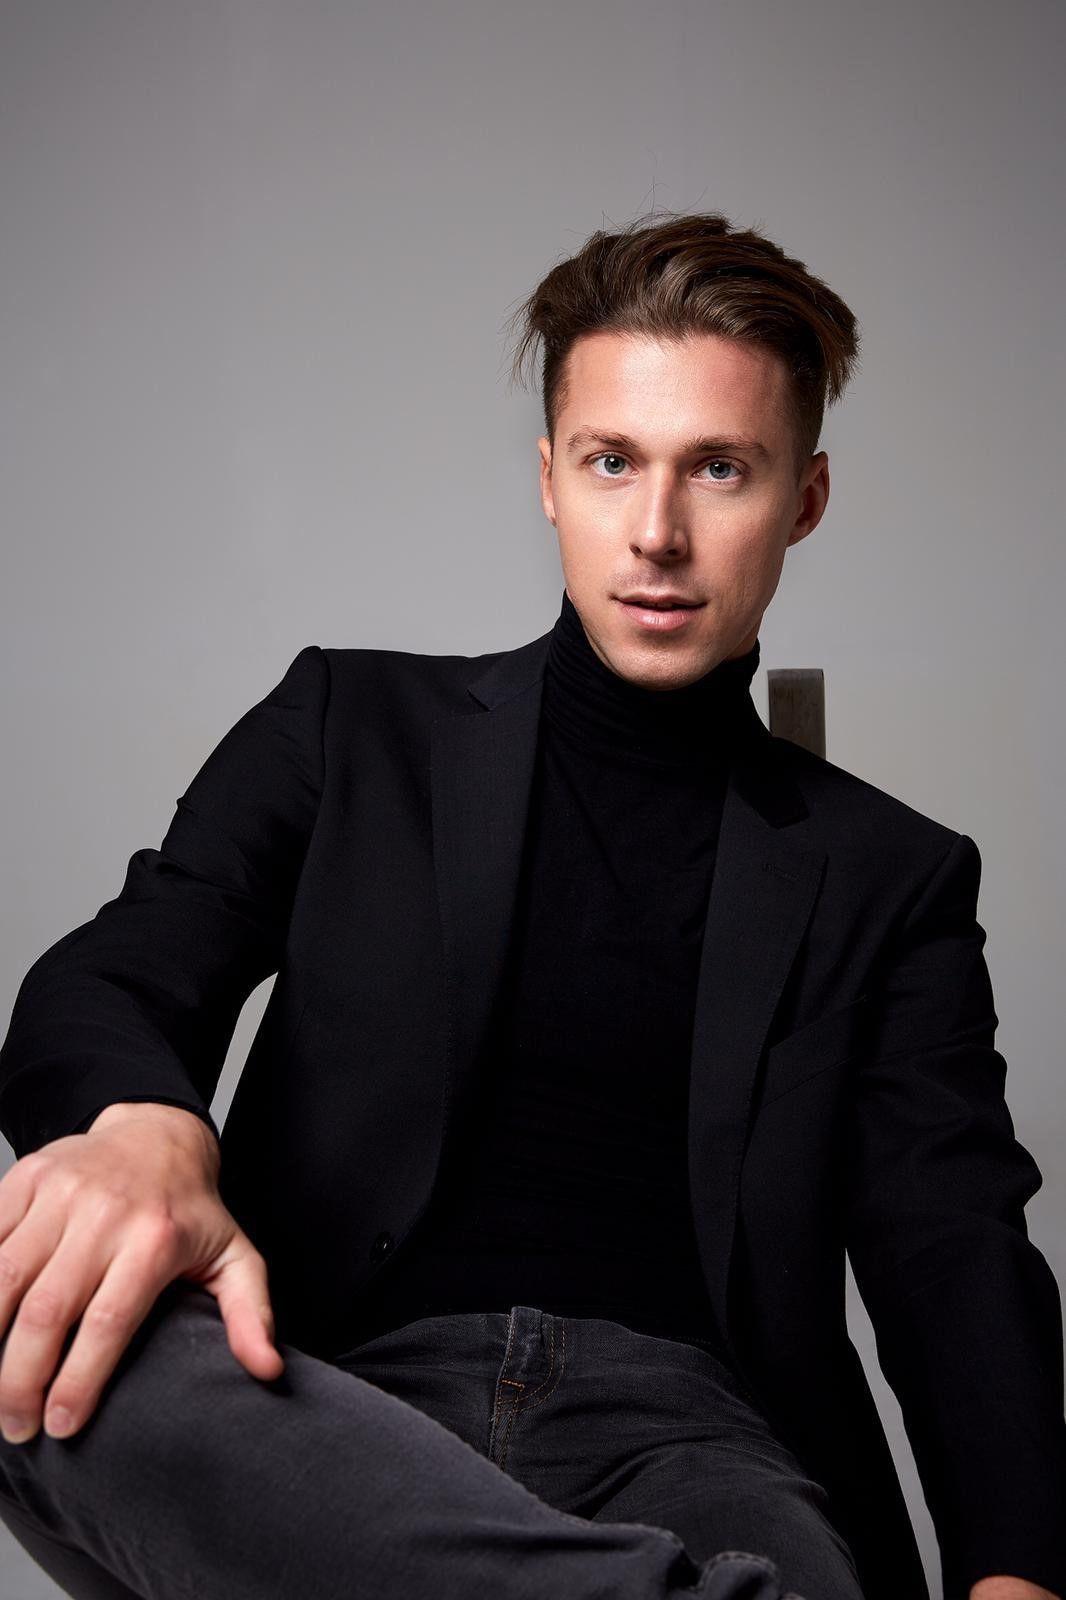 """Valentin Lusin (31) wurde in St. Petersburg geboren, lebt aber mit seiner Frau, die ebenfalls bei """"Let's Dance"""" als Tänzerin dabei ist, in Düsseldorf."""